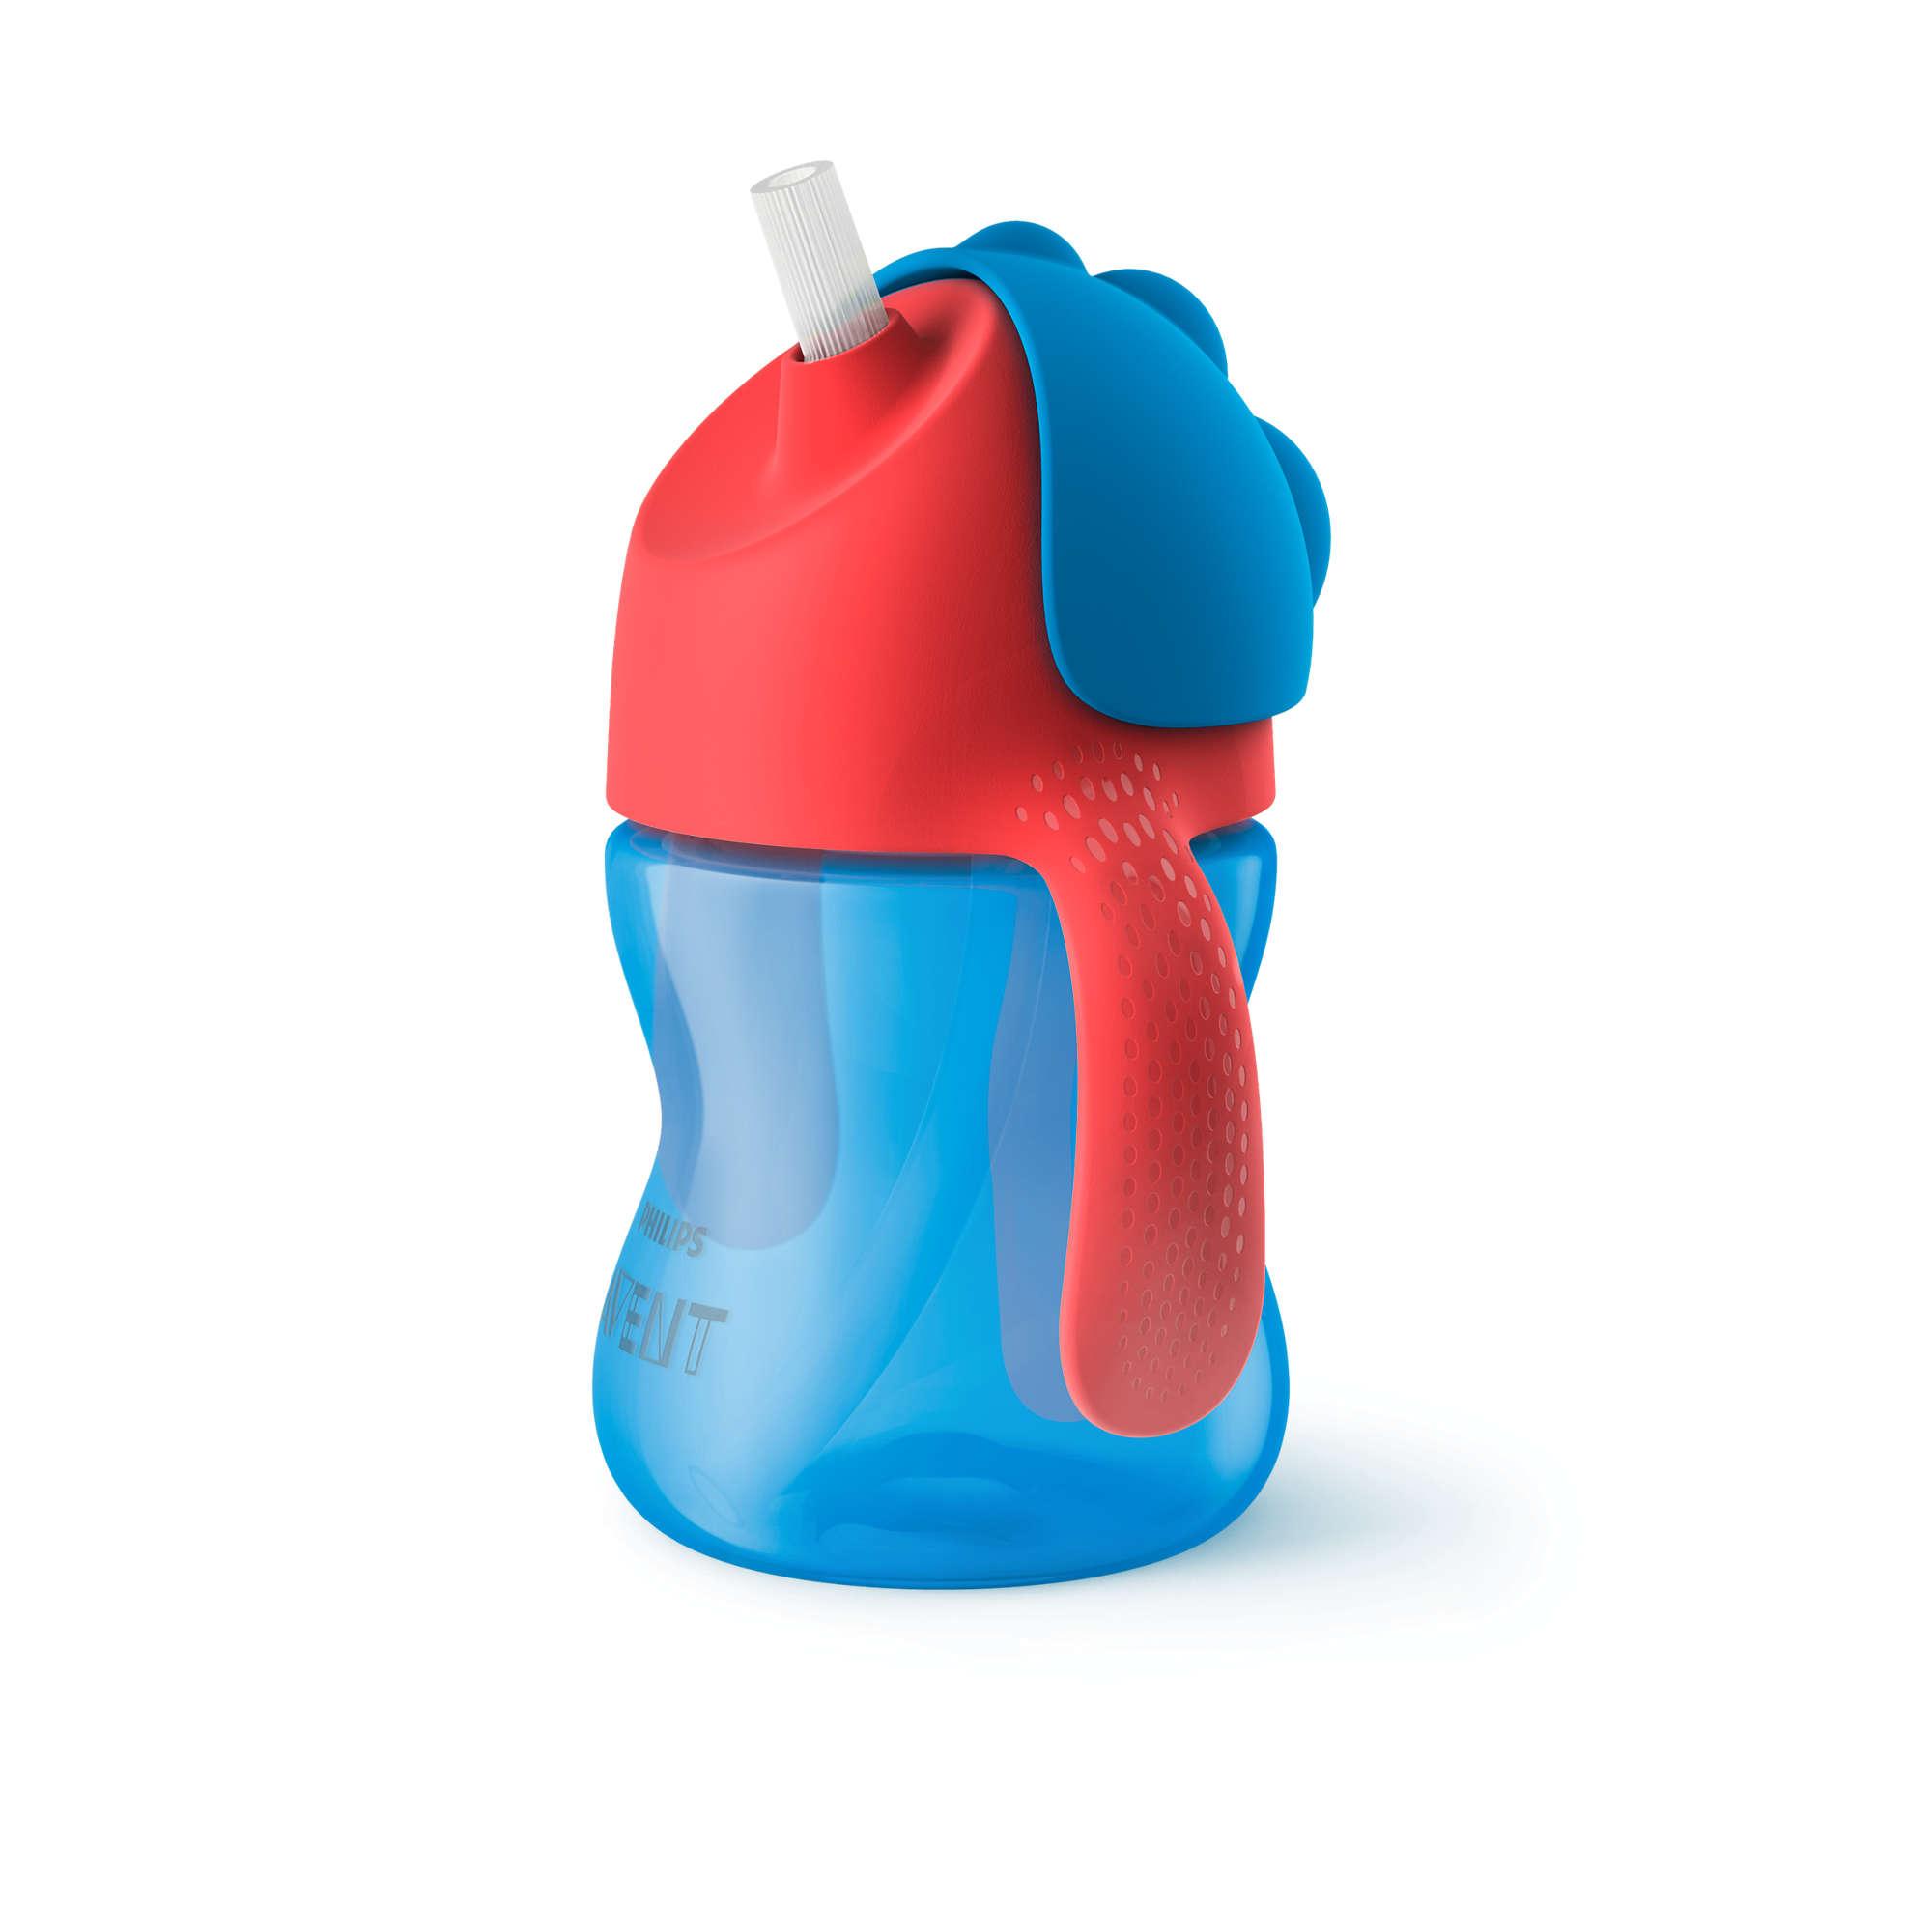 AVENT Krūzīte ar elastīgu salmiņu, 200 ml, 9M+, zila SCF796/01 piederumi bērnu barošanai